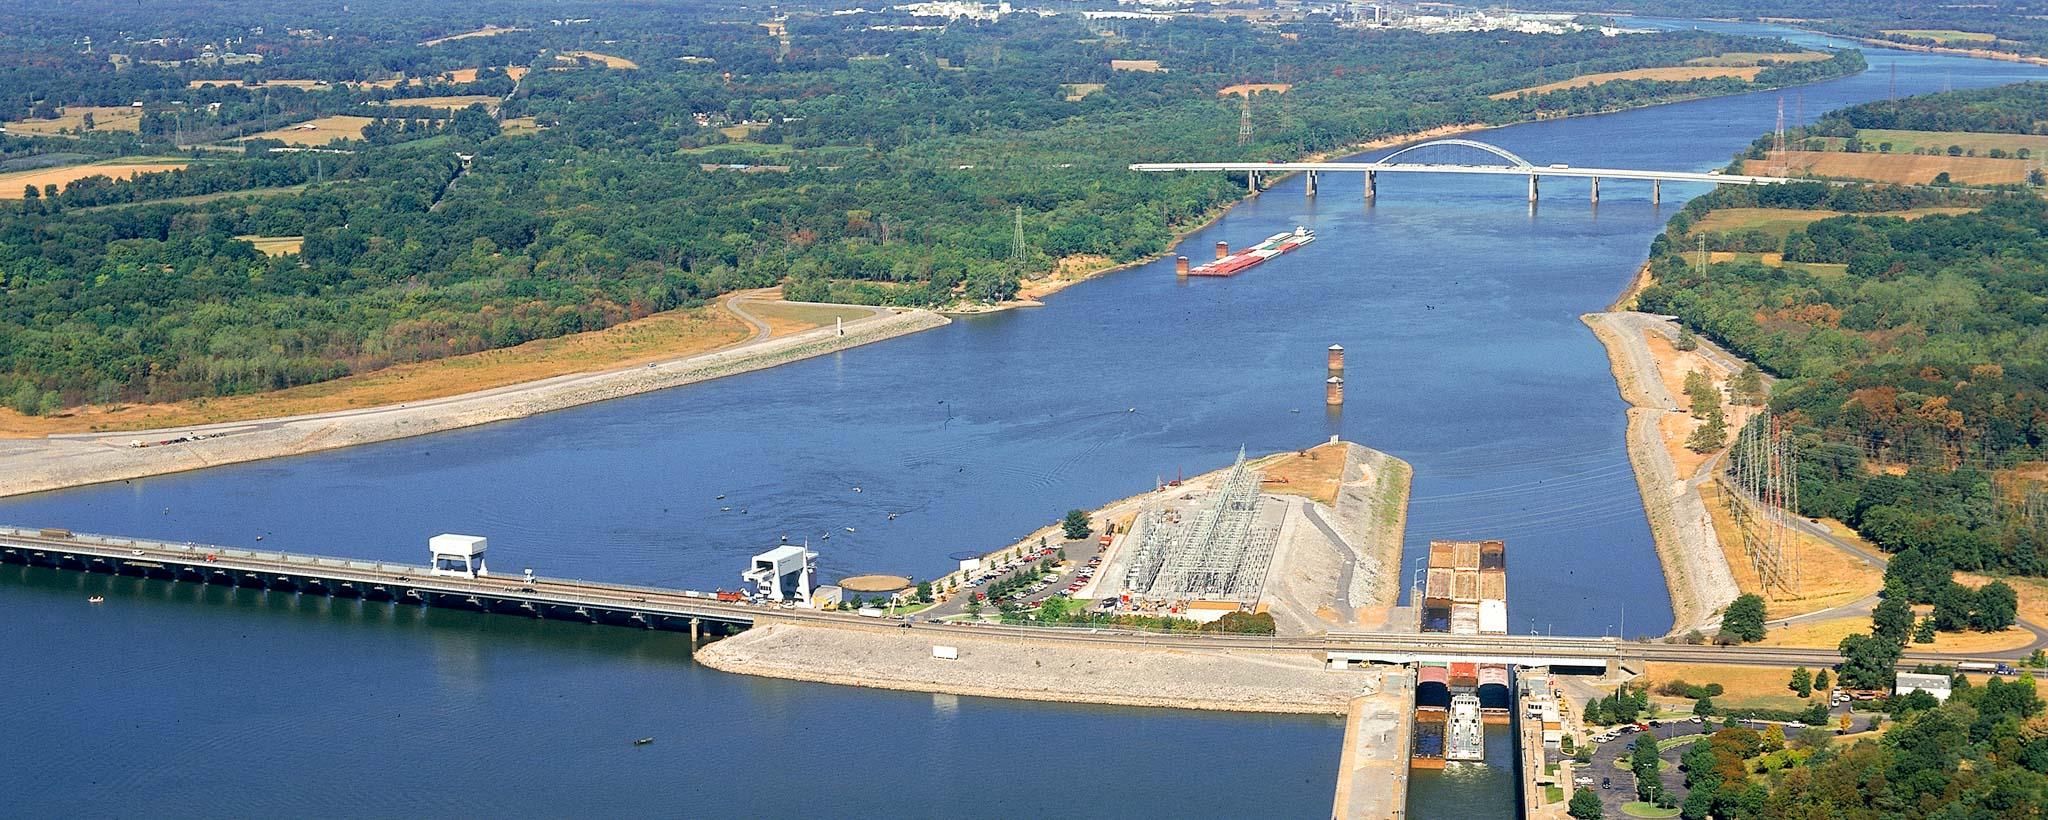 Kentucky Reservoir